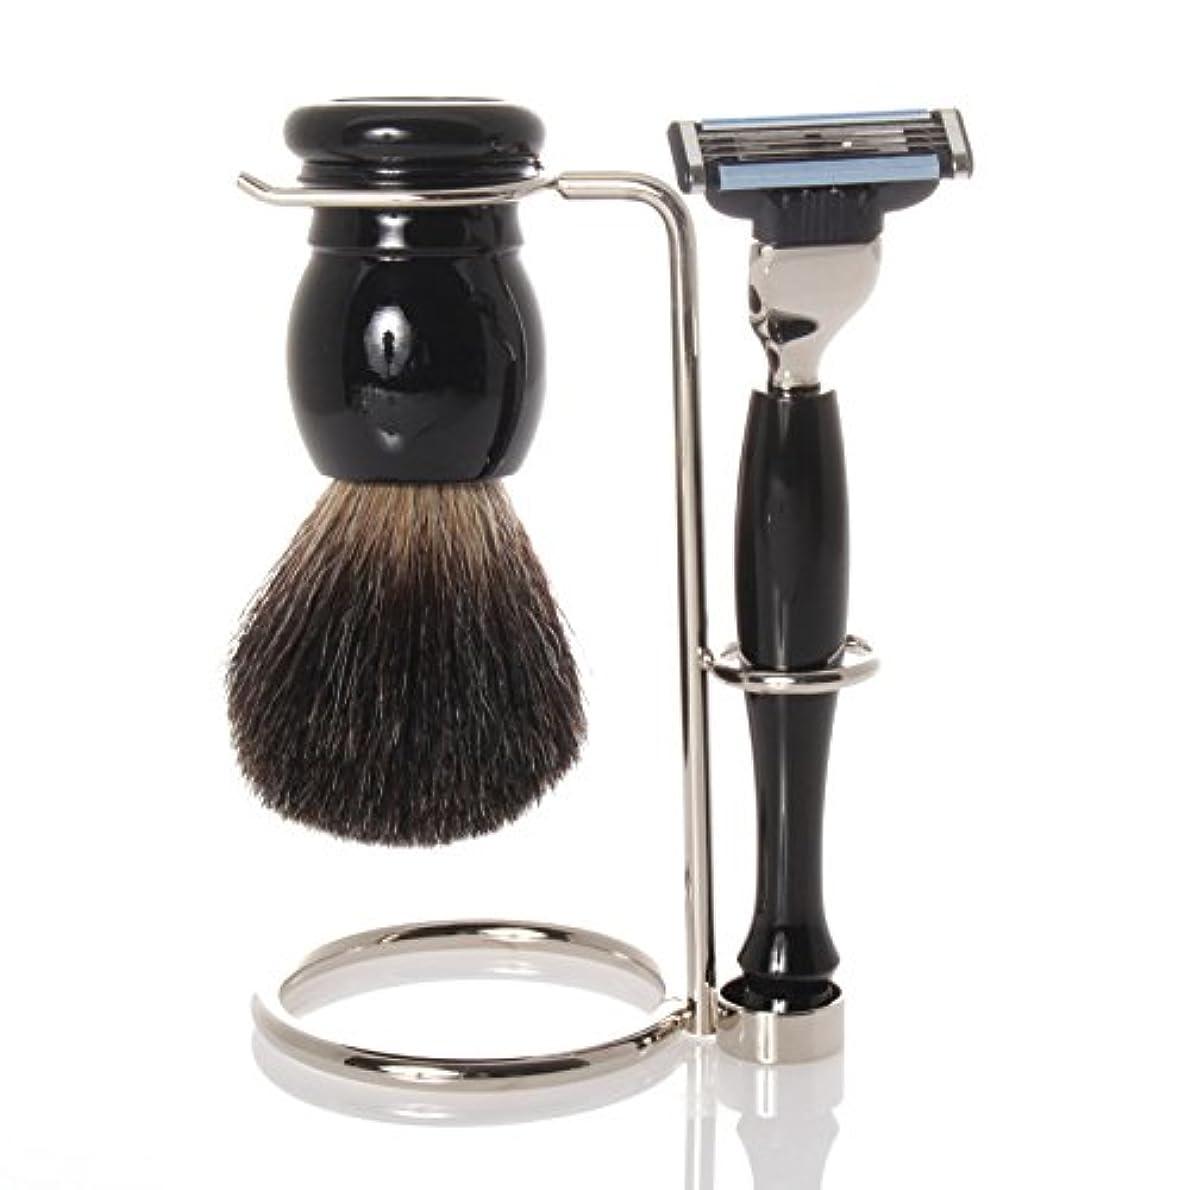 実装する核服を洗うShaving set with holder, grey badger brush, razor - Hans Baier Exclusive